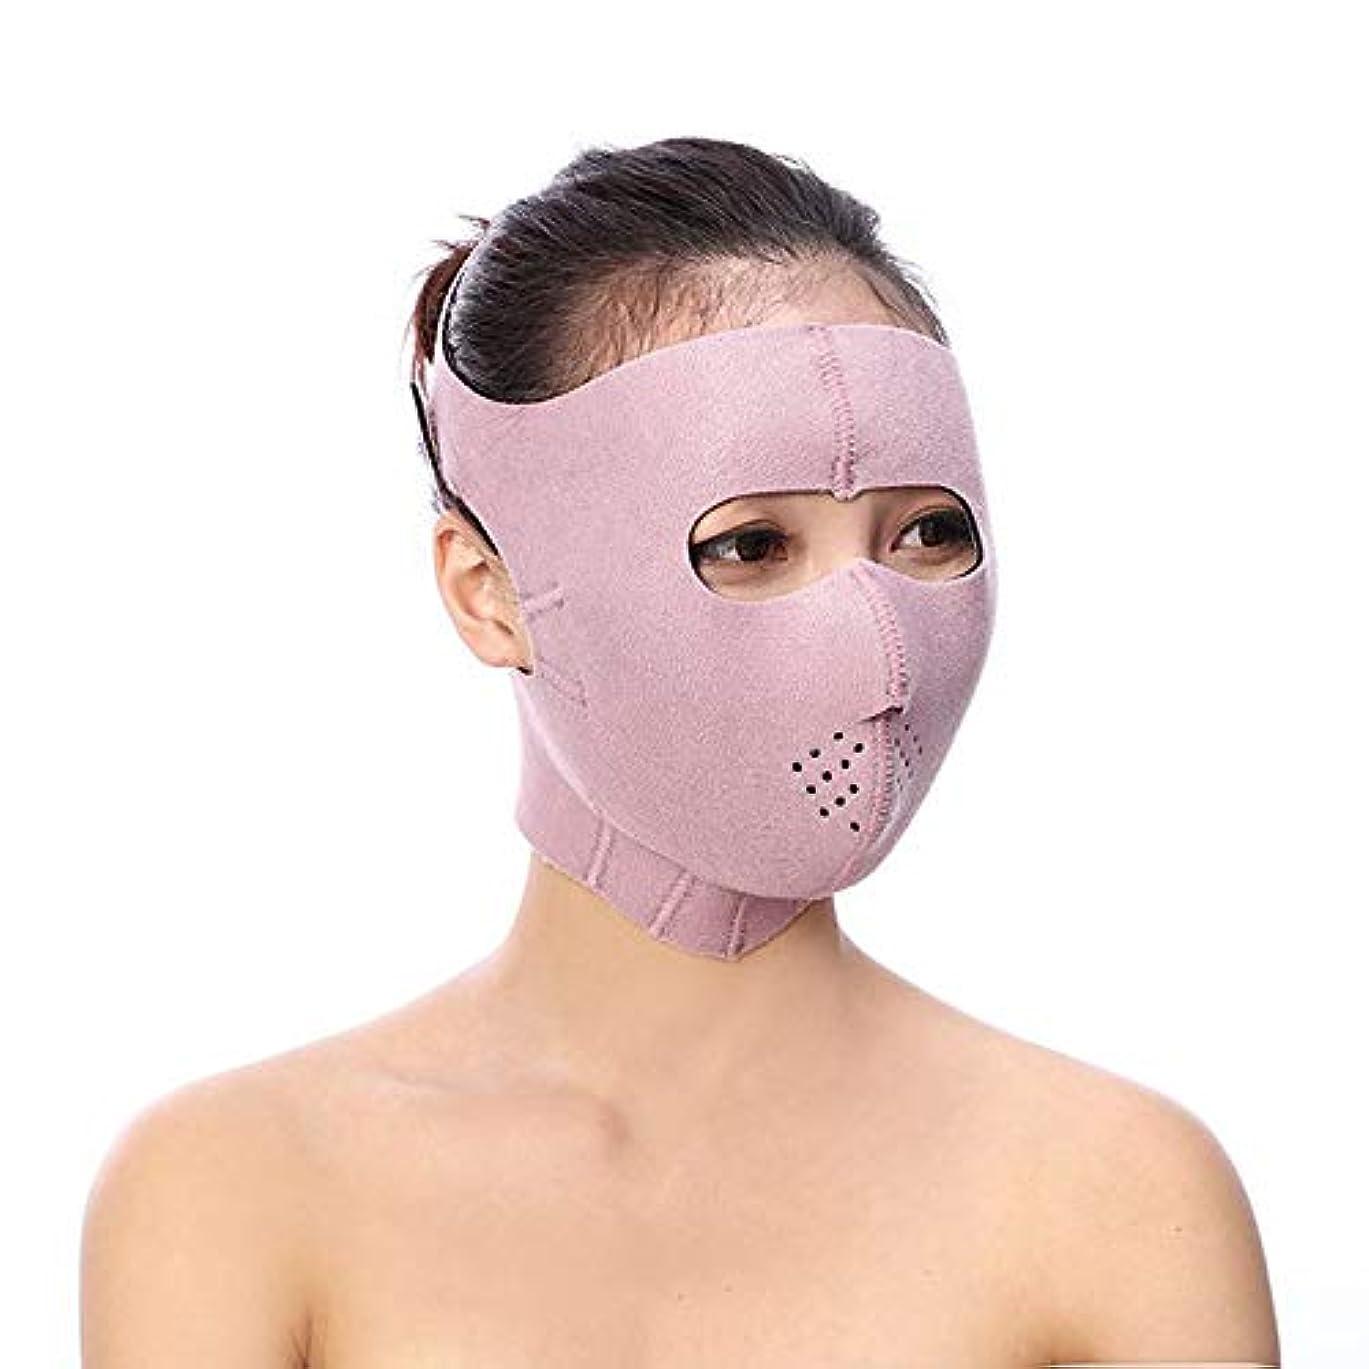 旅行者見捨てる熟達フェイシャルリフティング痩身ベルト - Vフェイス包帯マスクフェイシャルマッサージャー無料の薄いフェイス包帯整形マスクを引き締める顔と首の顔スリム